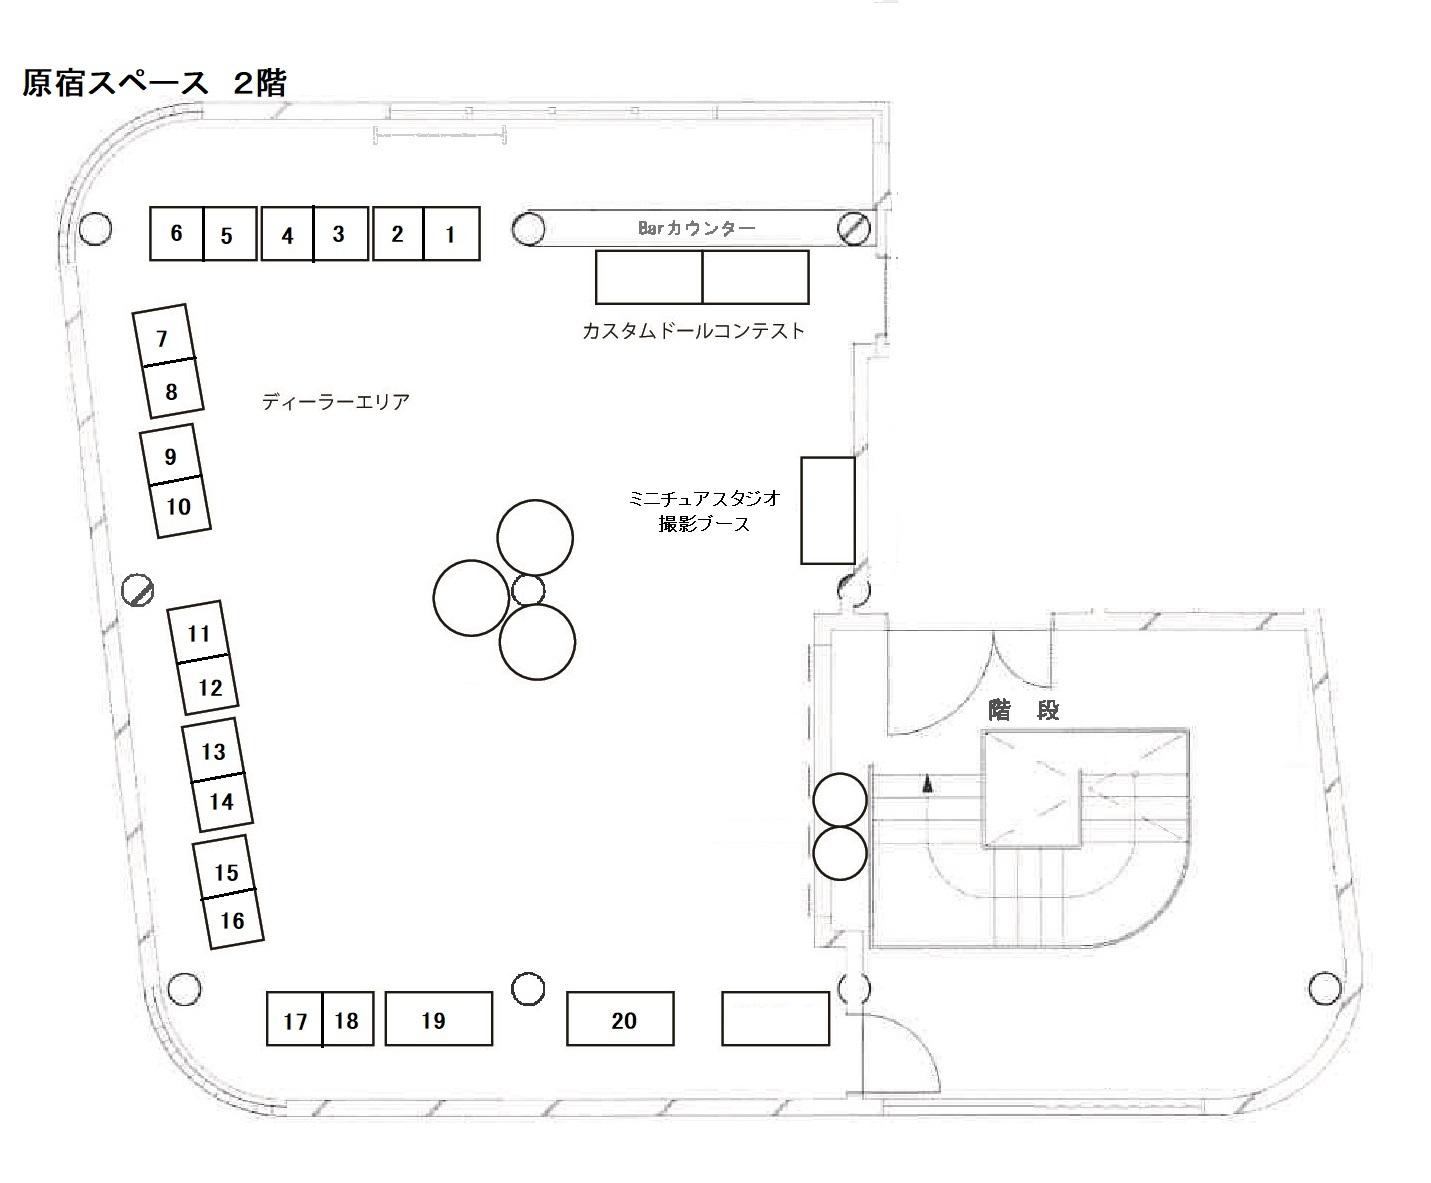 図面2階2_p001